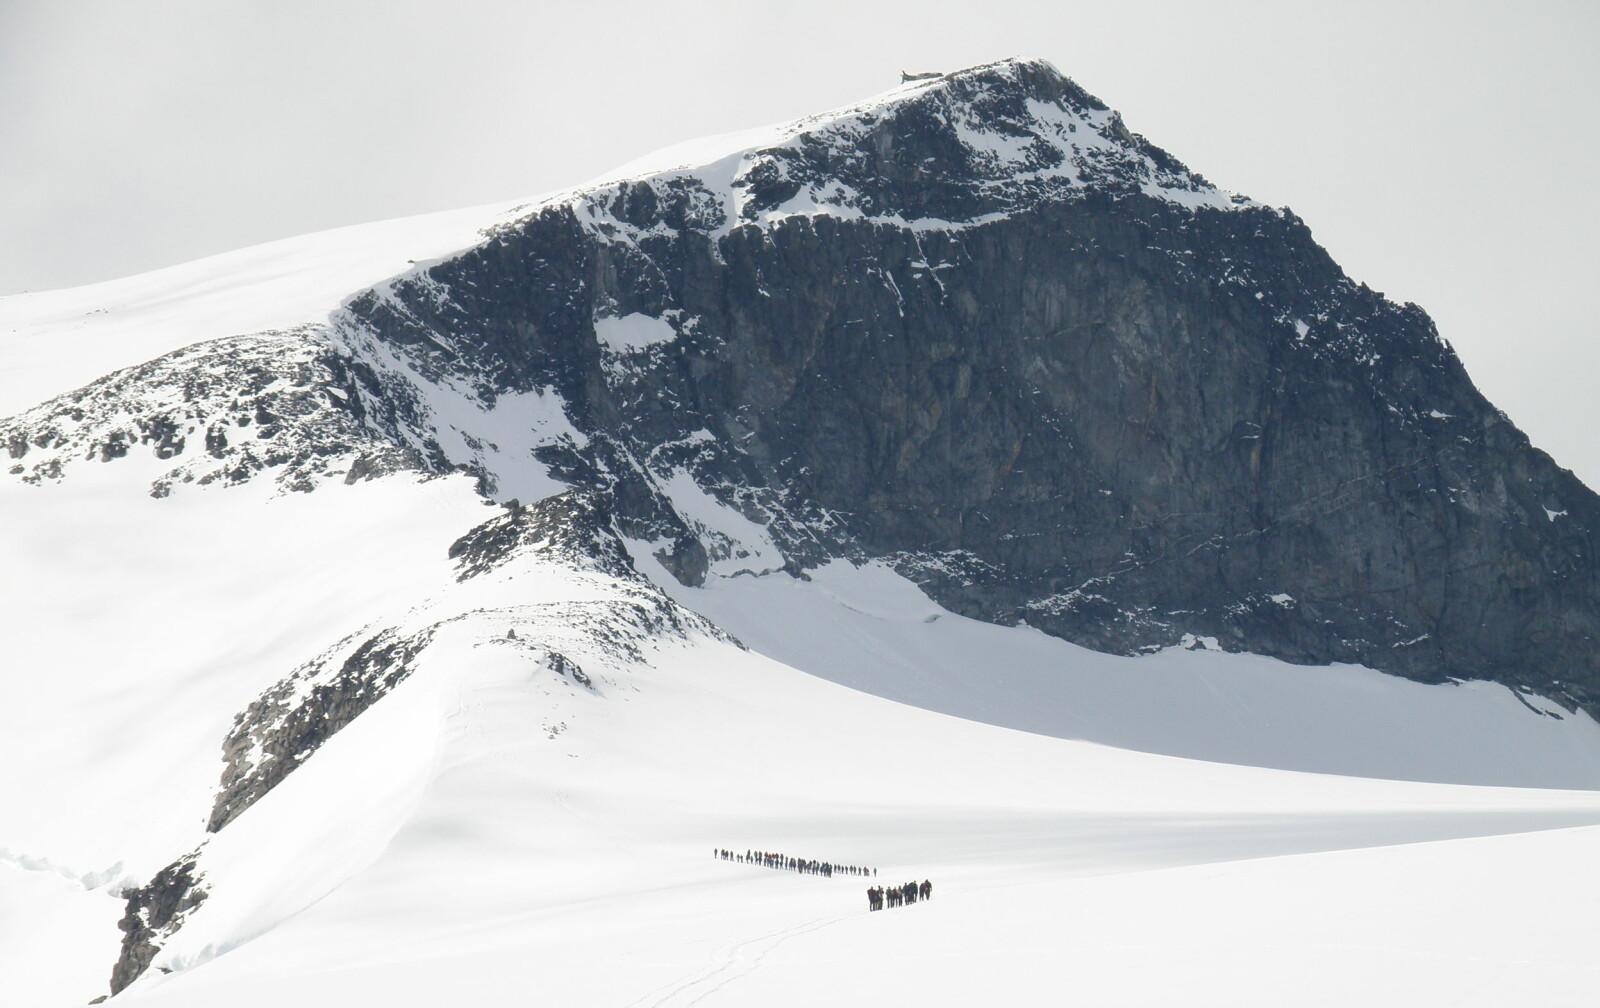 <b>NORGES HØYESTE PUNKT:</b> Enhver rekke med toppturer bør inkludere en tur til toppen av Norges høyeste punkt, Galdhøpiggen.